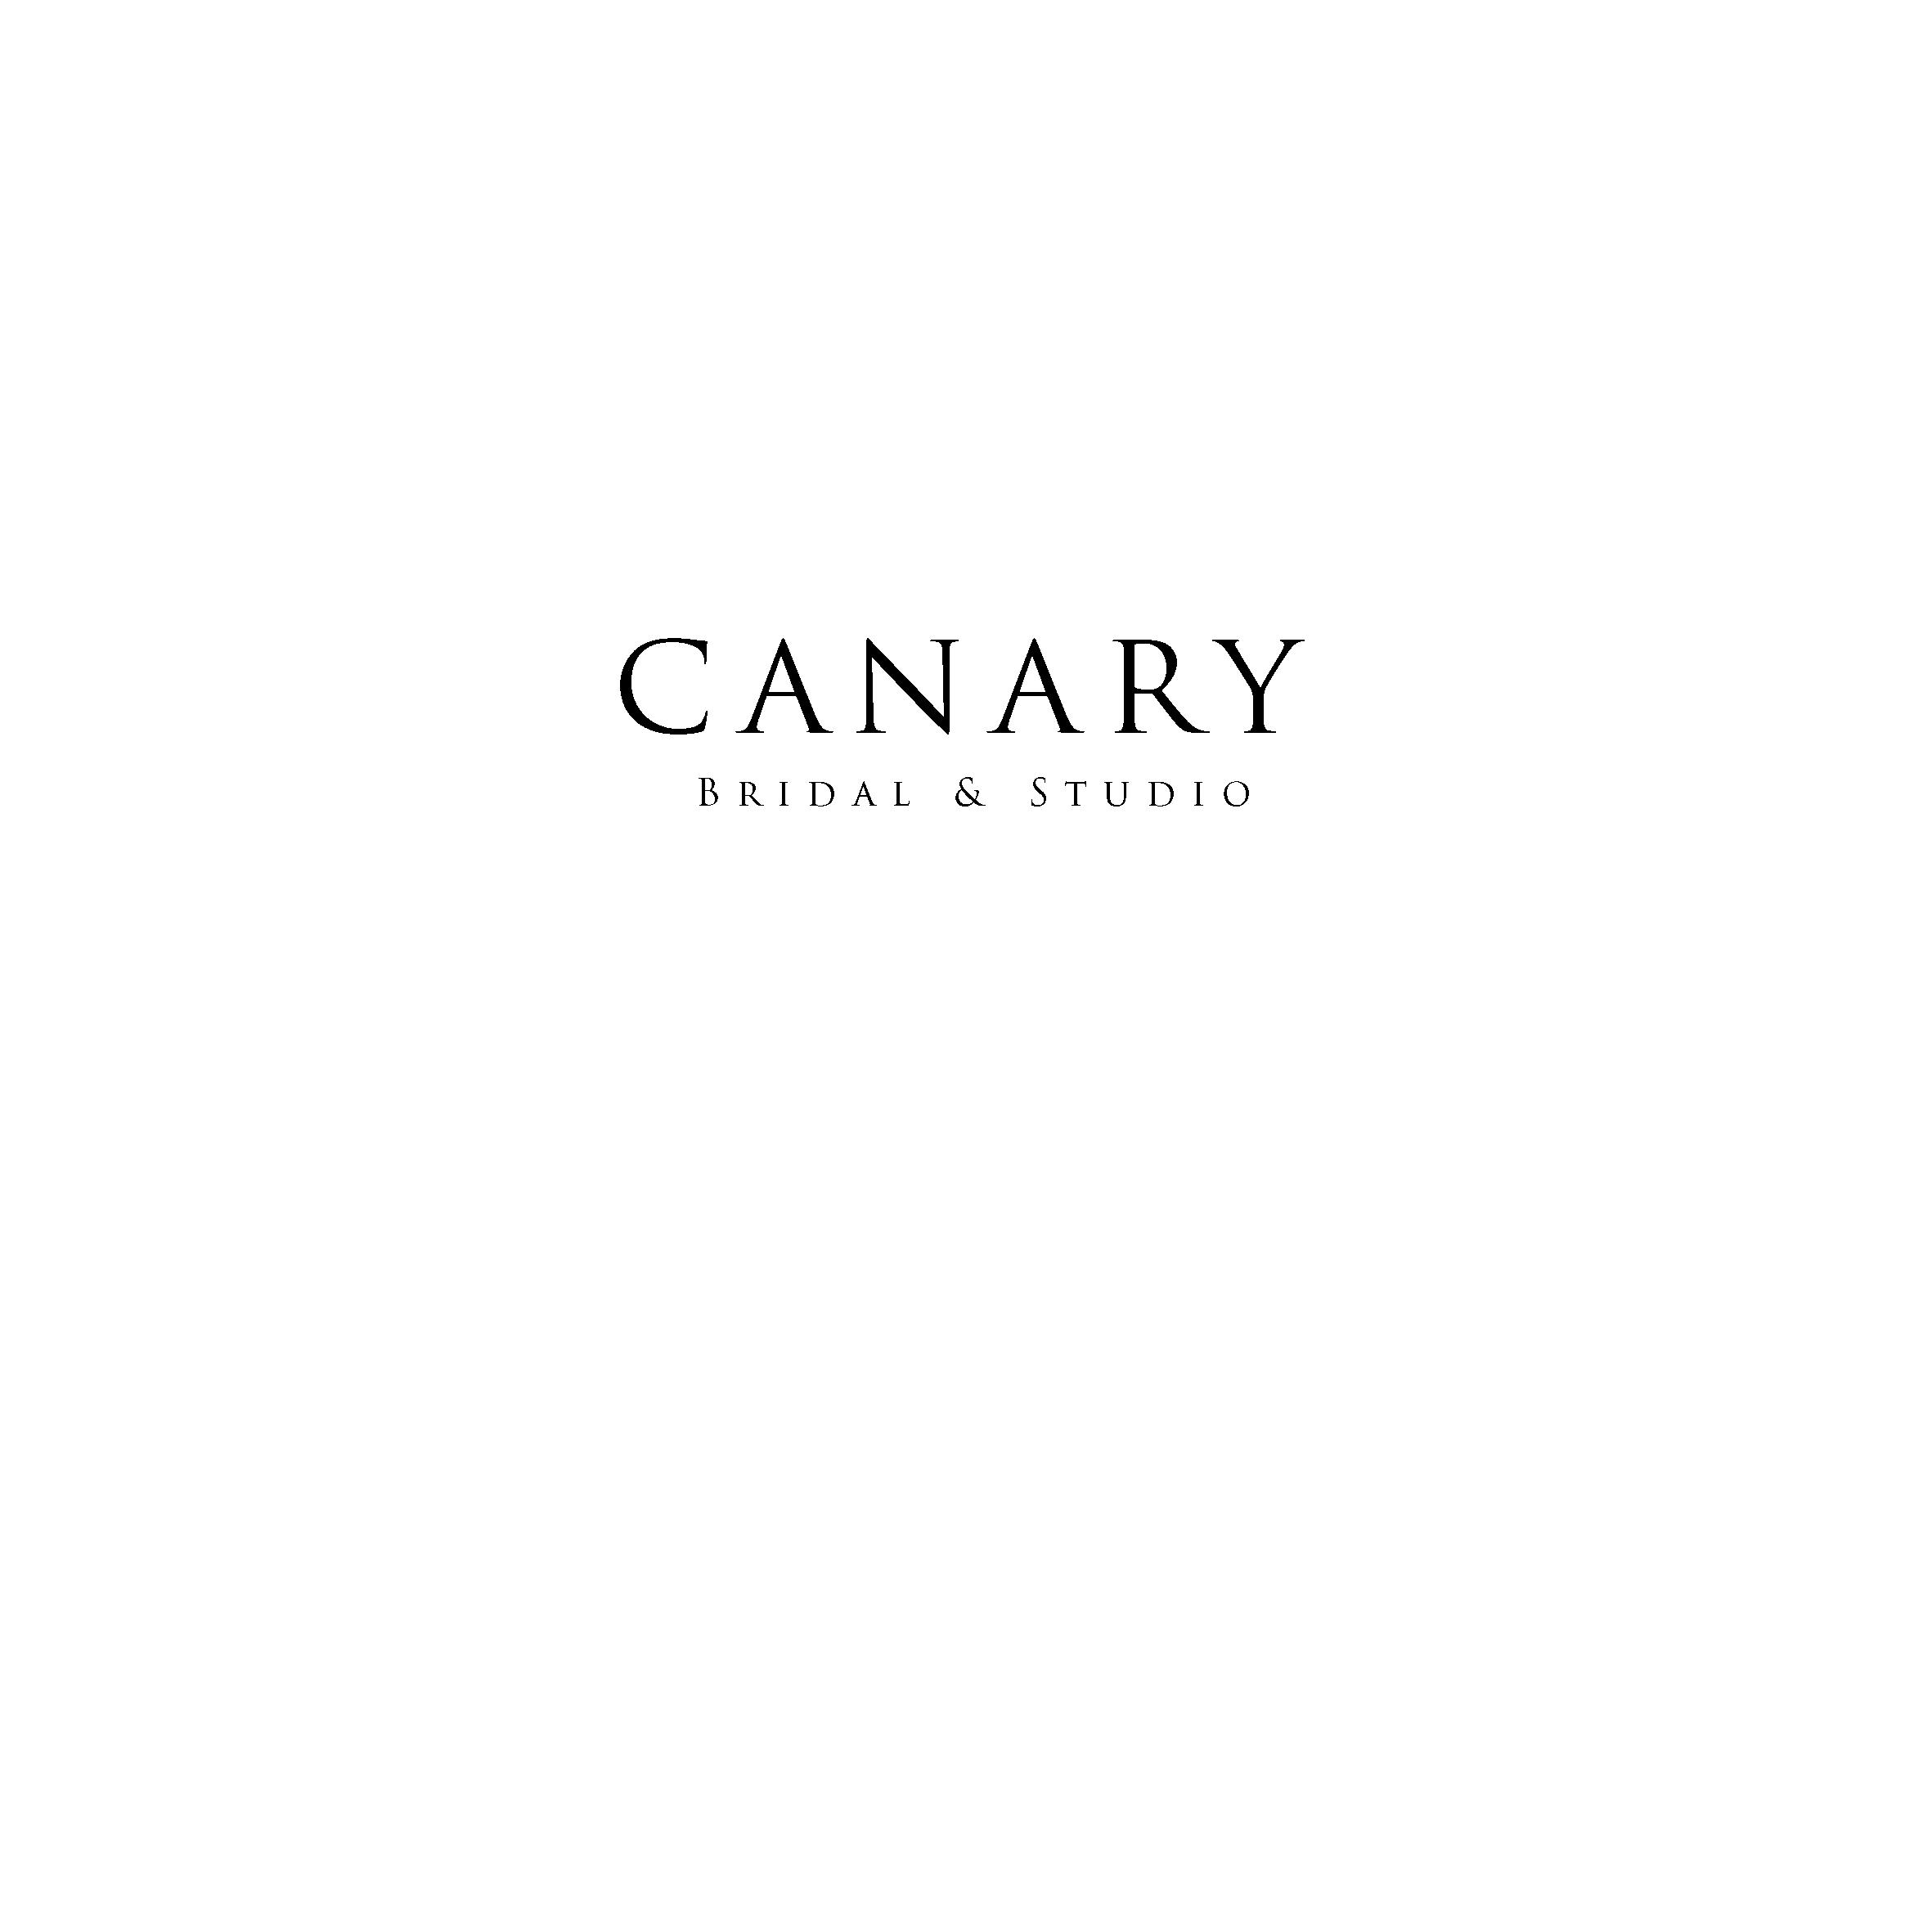 Canary Bridal & Studio - TP Hồ Chí Minh